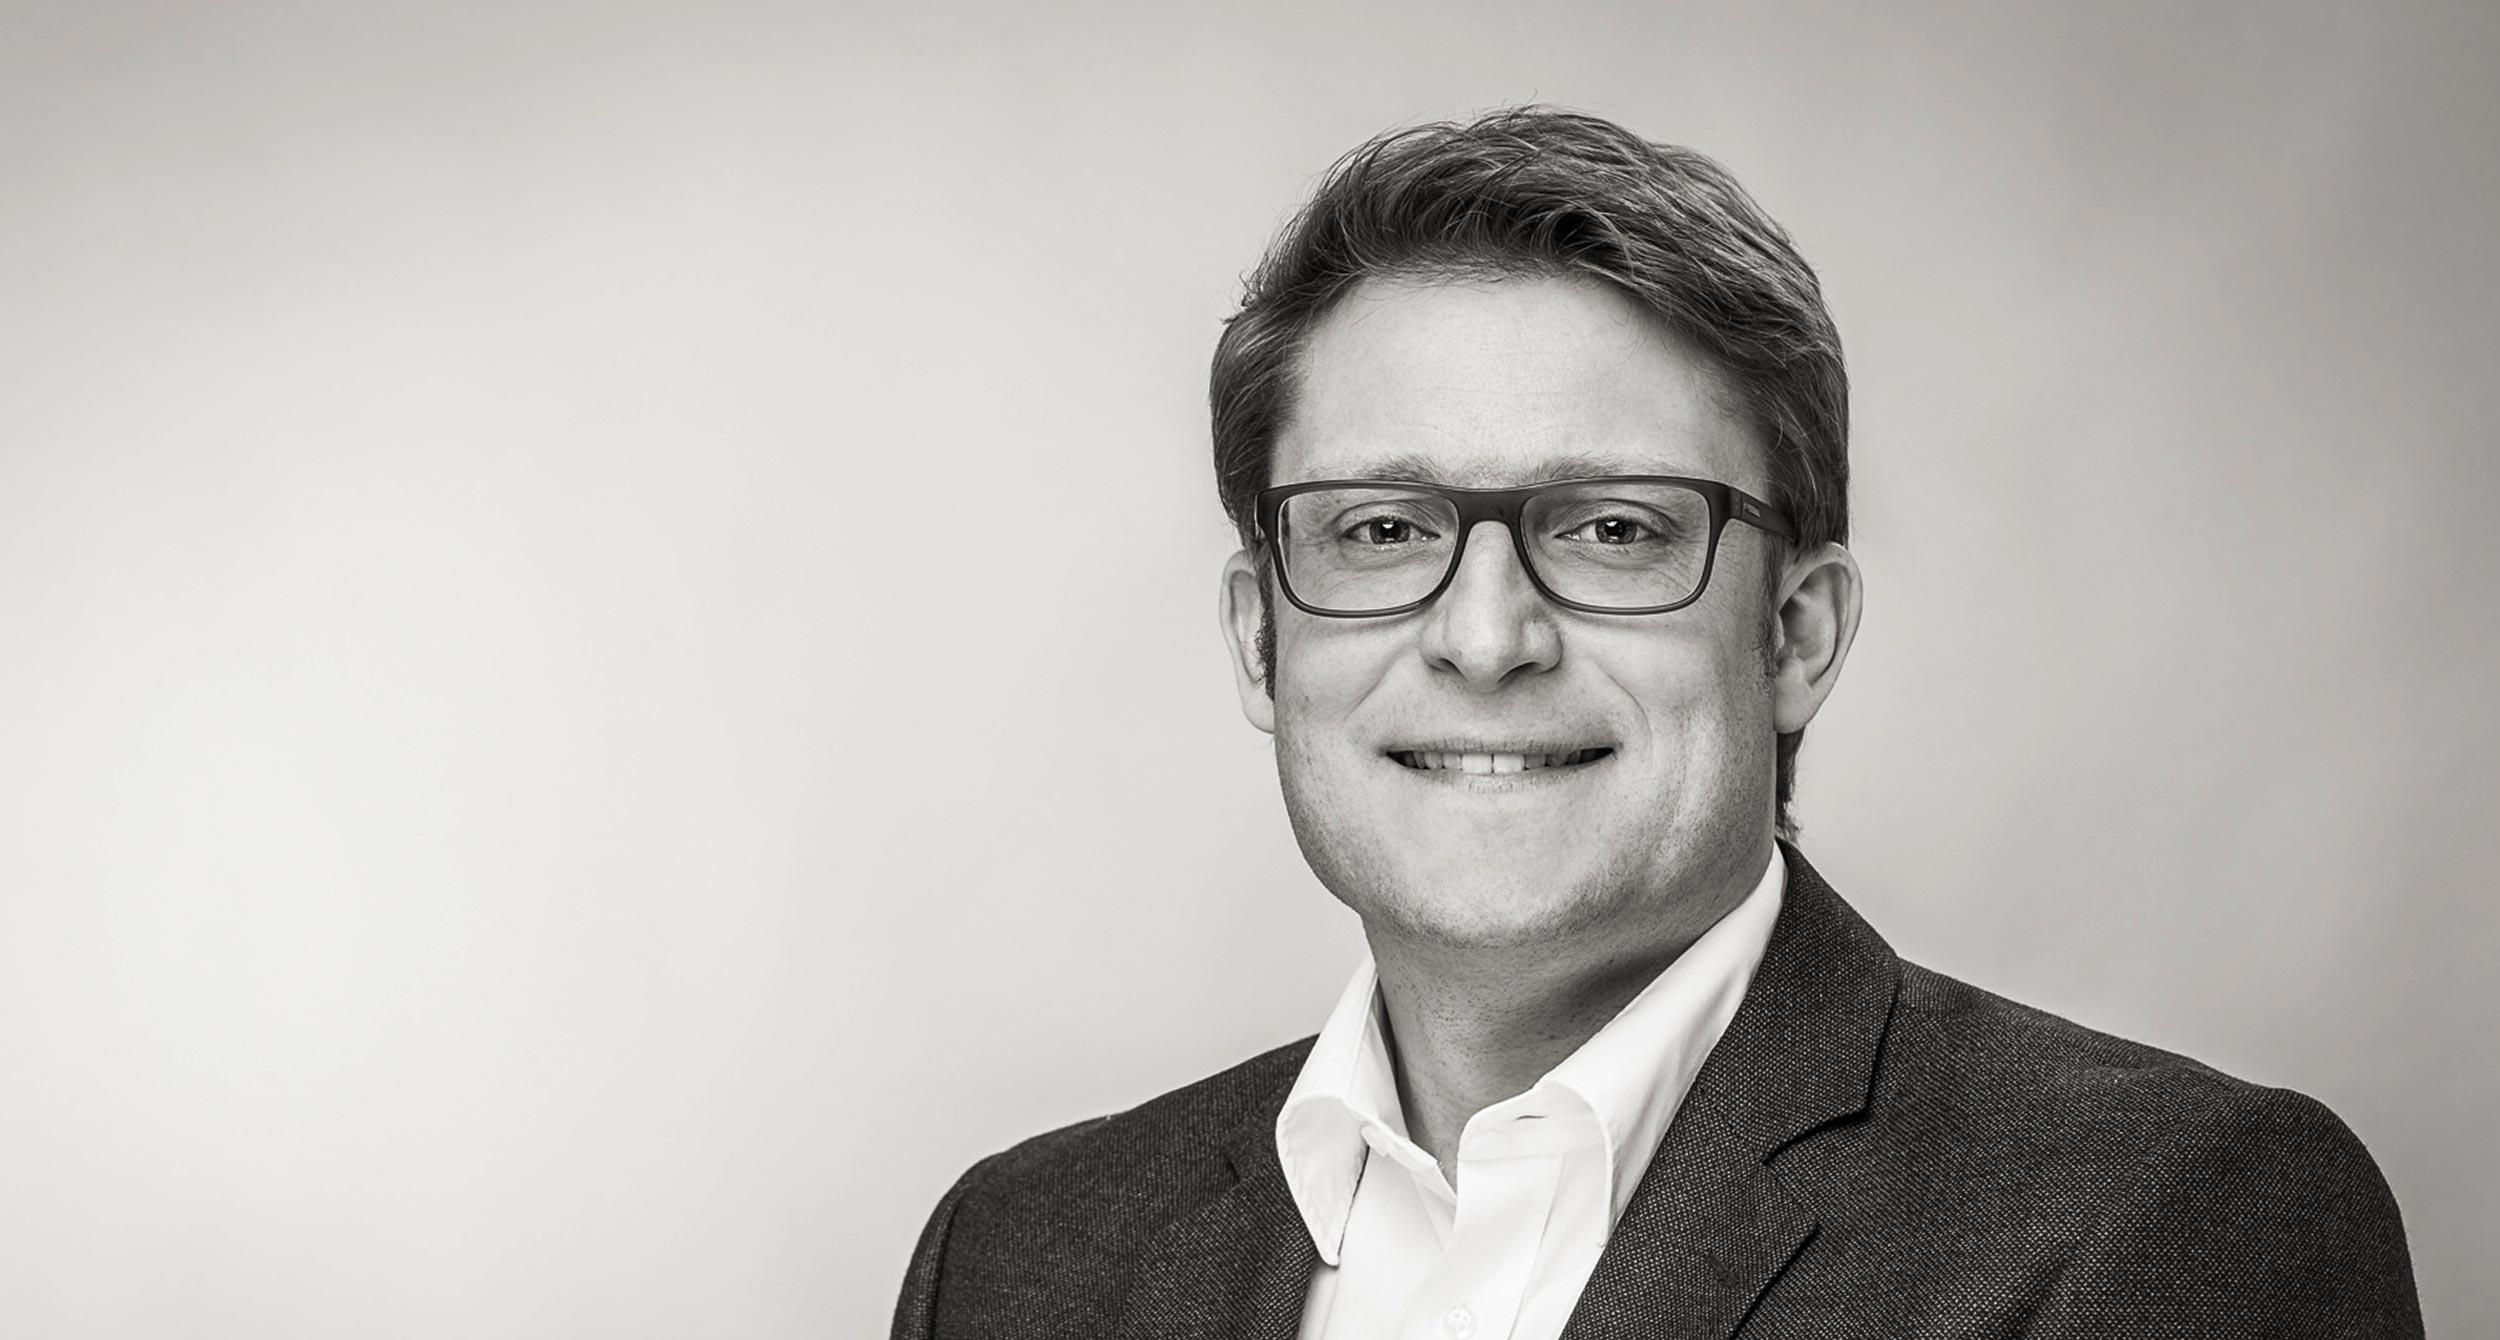 Bild des Geschäftsführers von HHP Nord/Ost - Dipl.-Ing. Falko Ilse